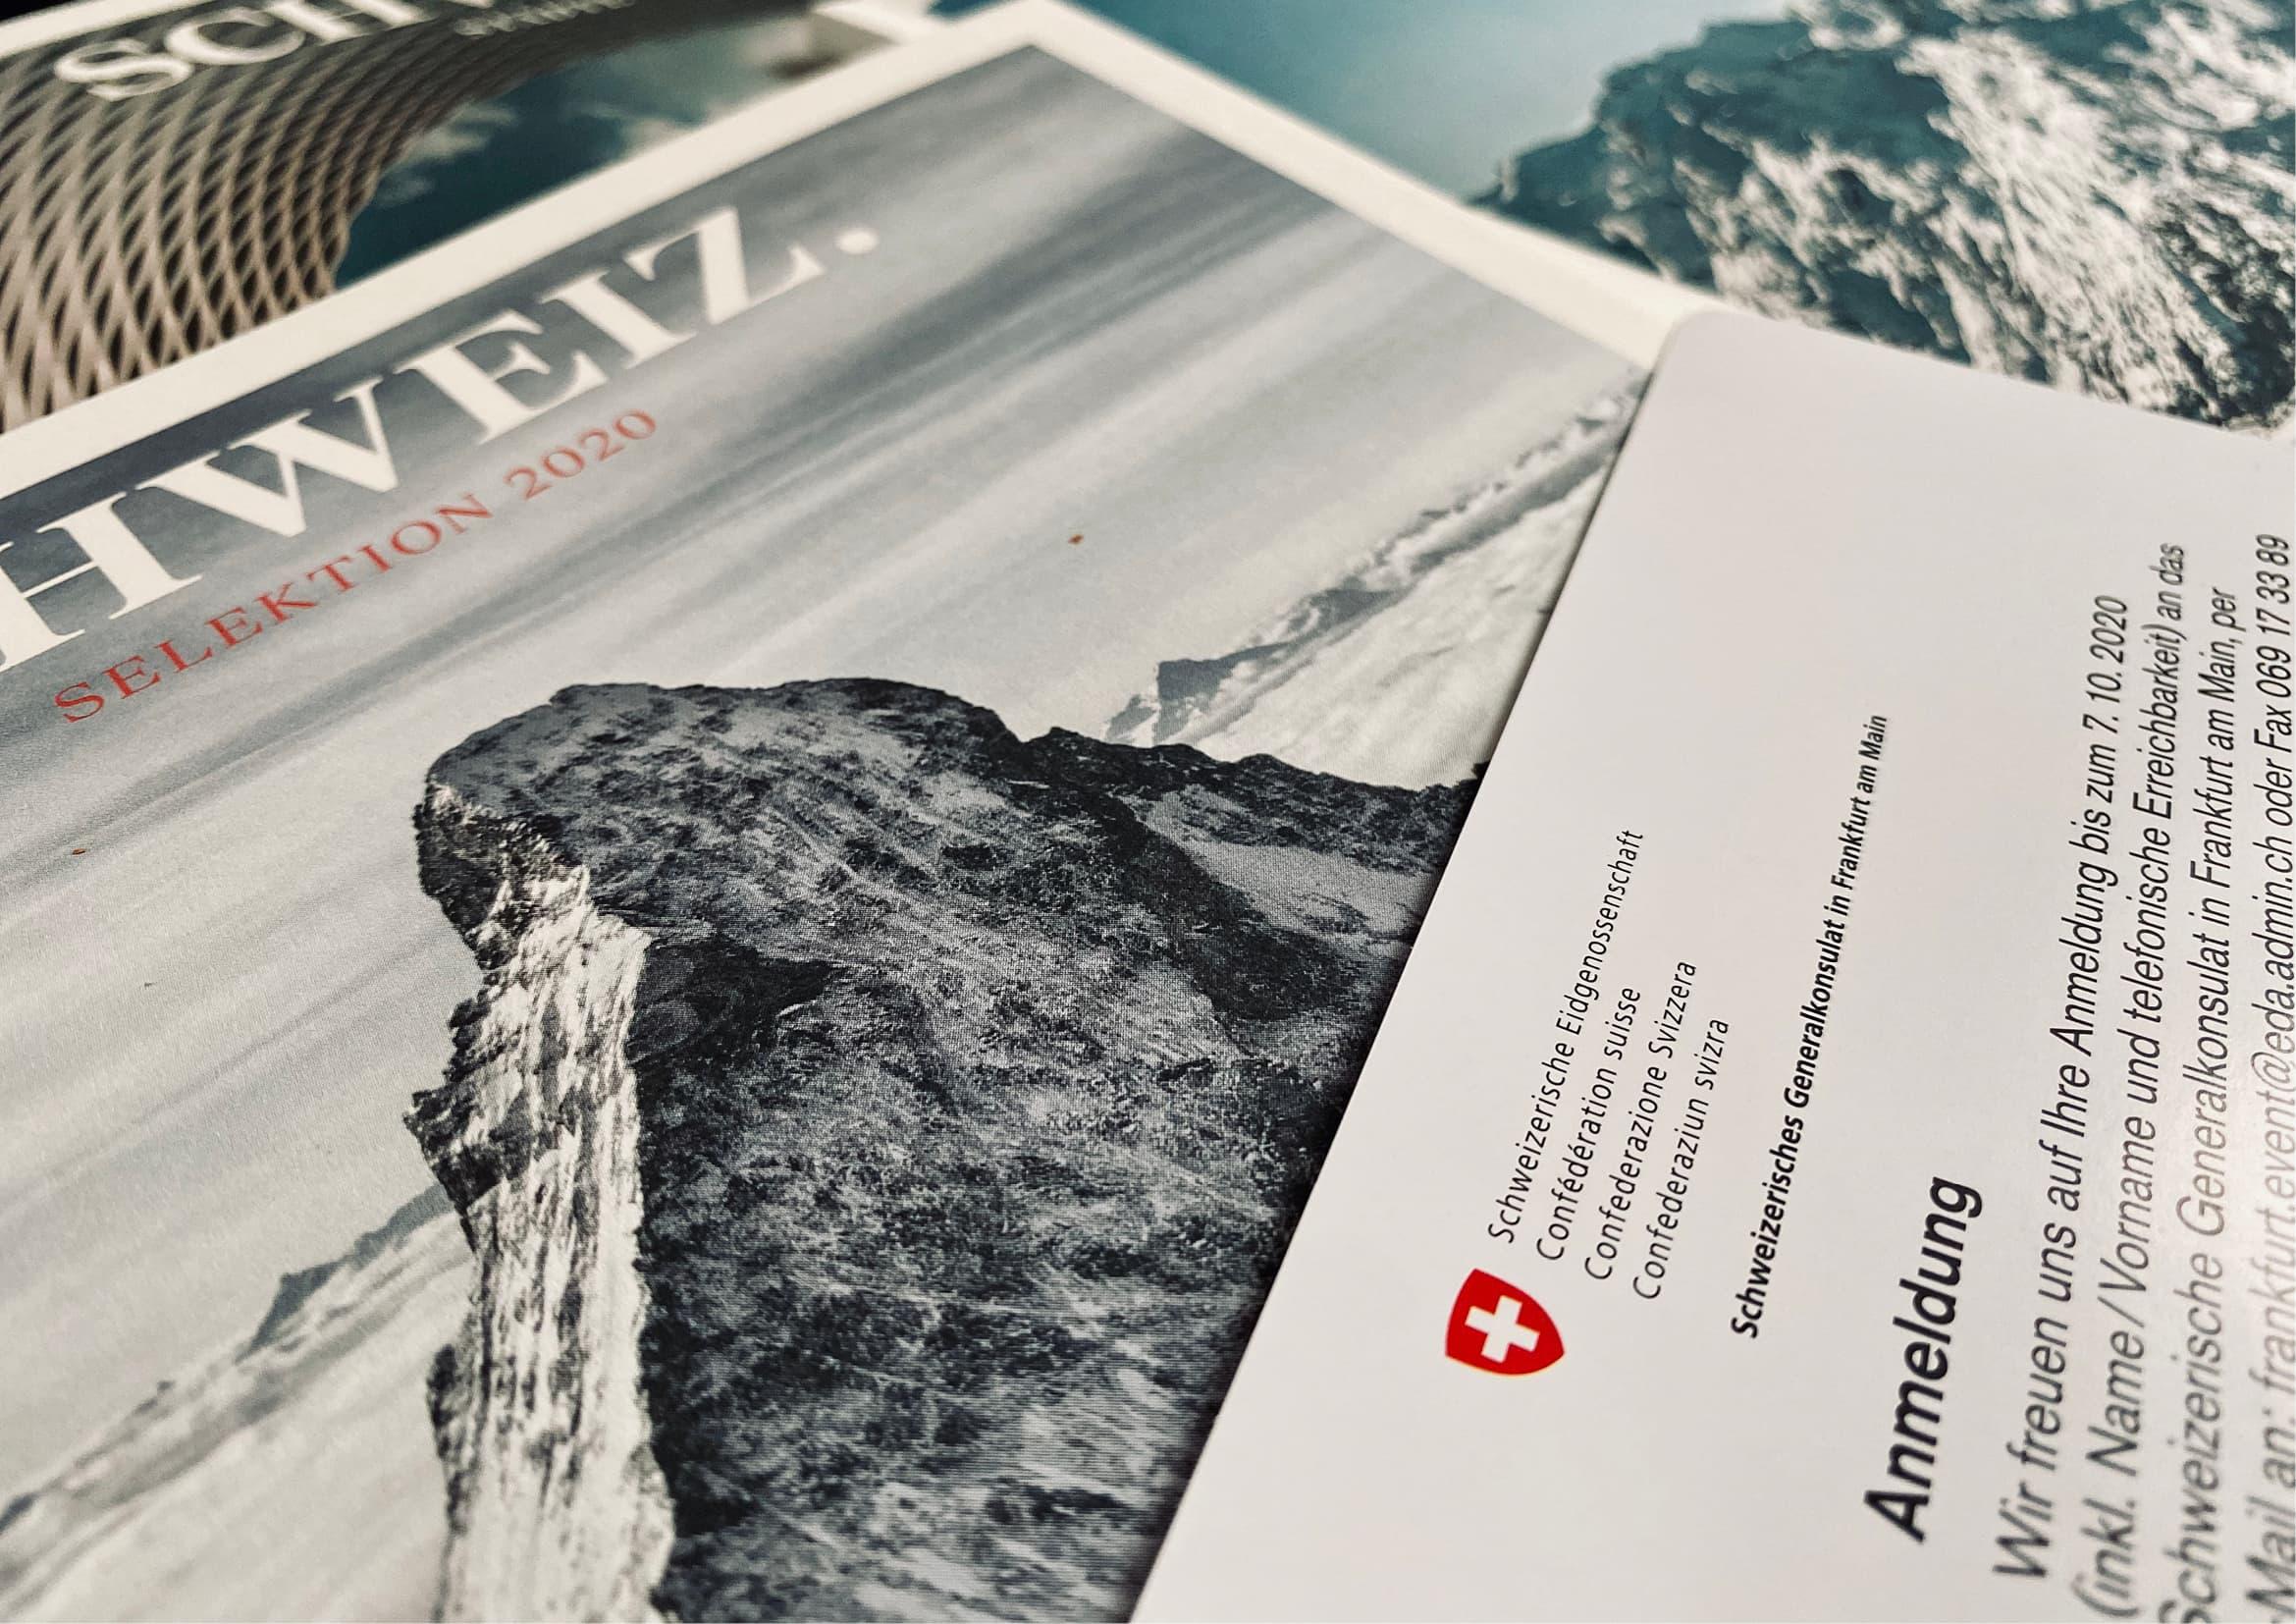 Lesung mit dem Schweizer Autor Guy Krneta anlässlich der Buchmesse 2020